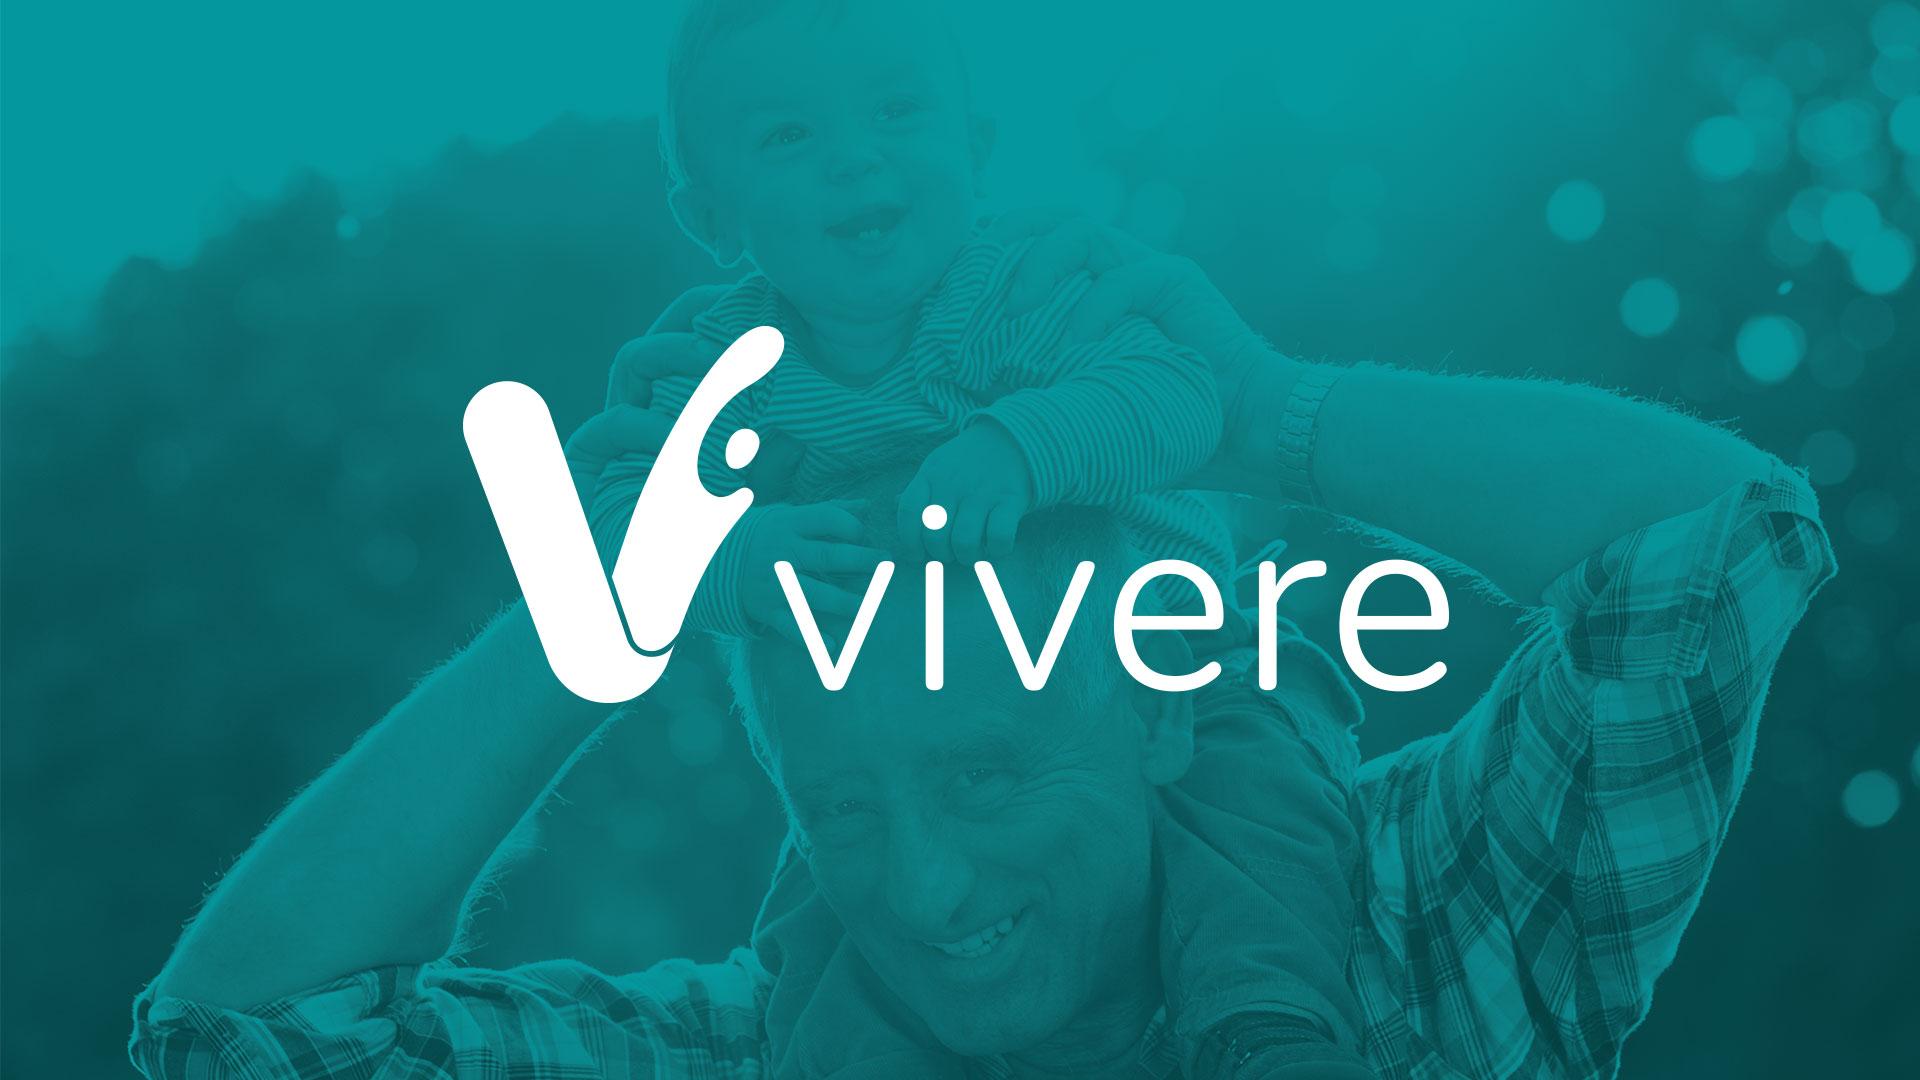 VIvere Logo, logo design manly. White version